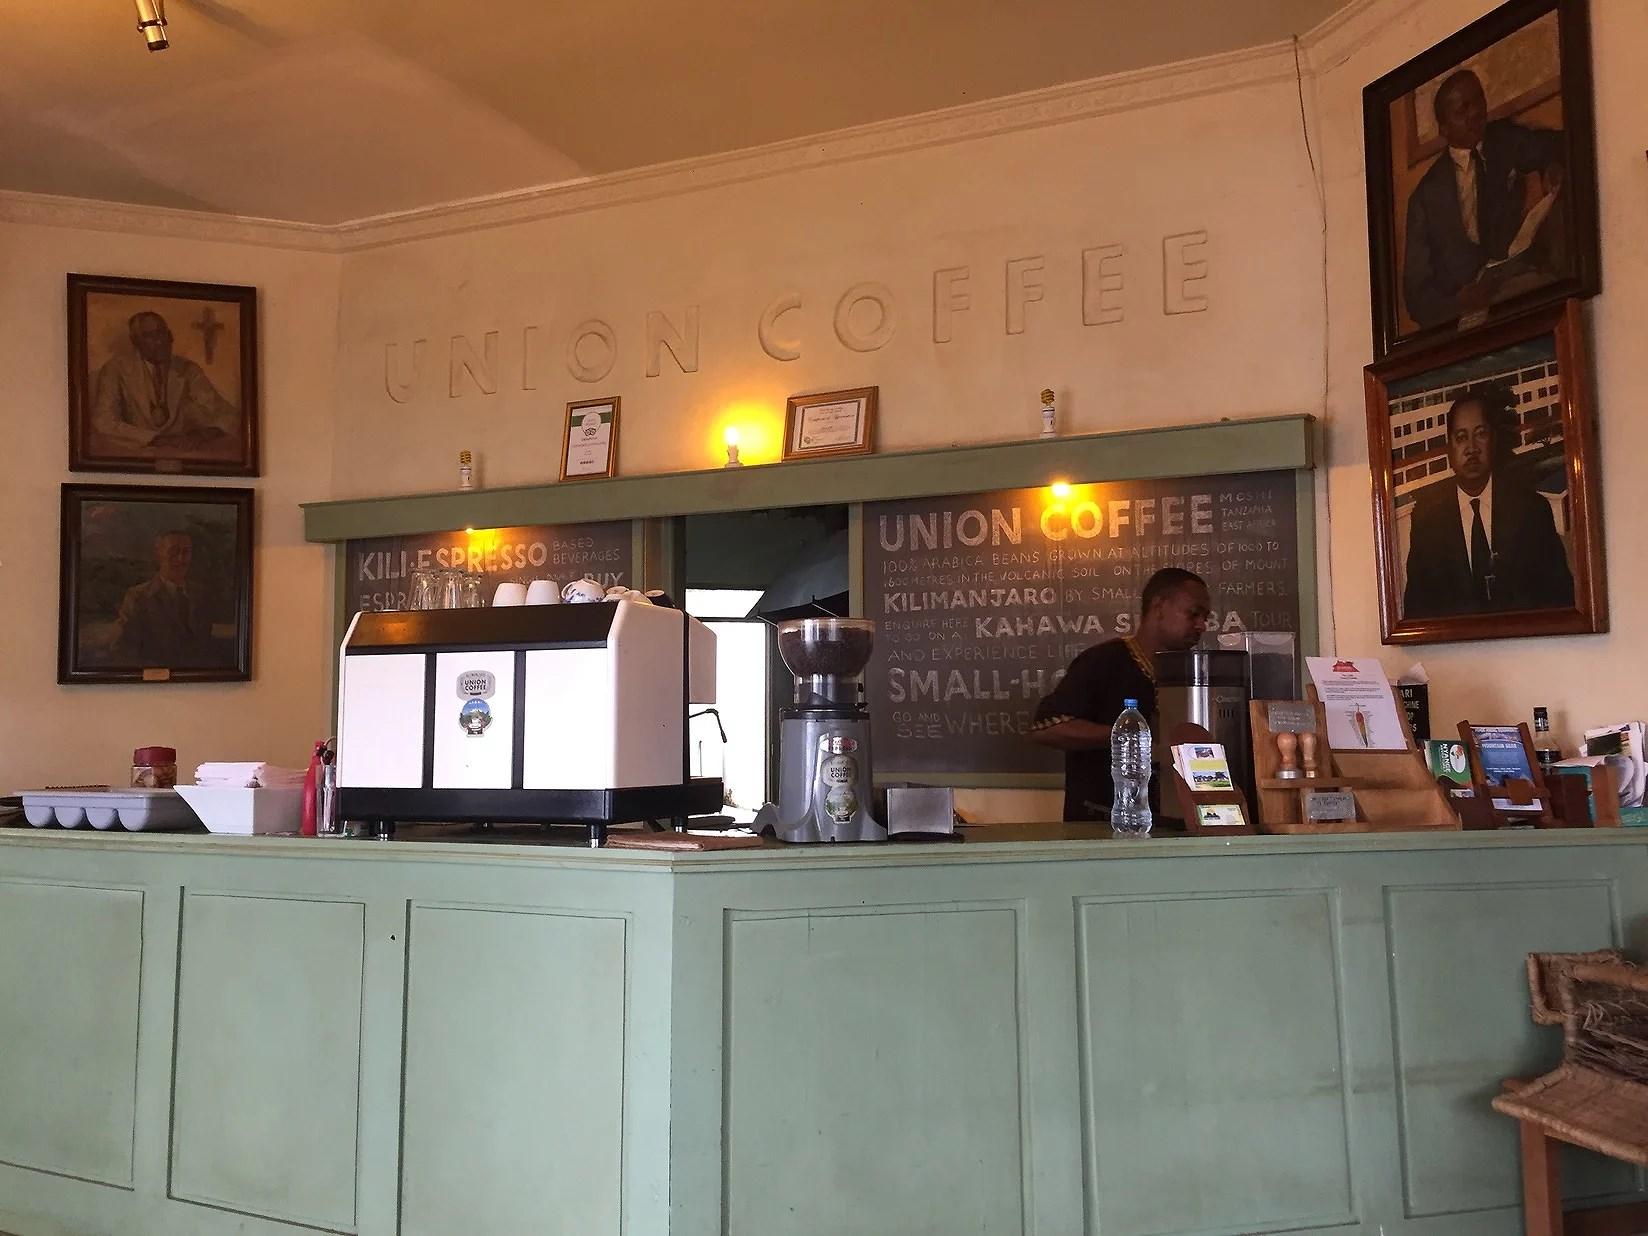 Starkt kaffe och spöregn i Moshi